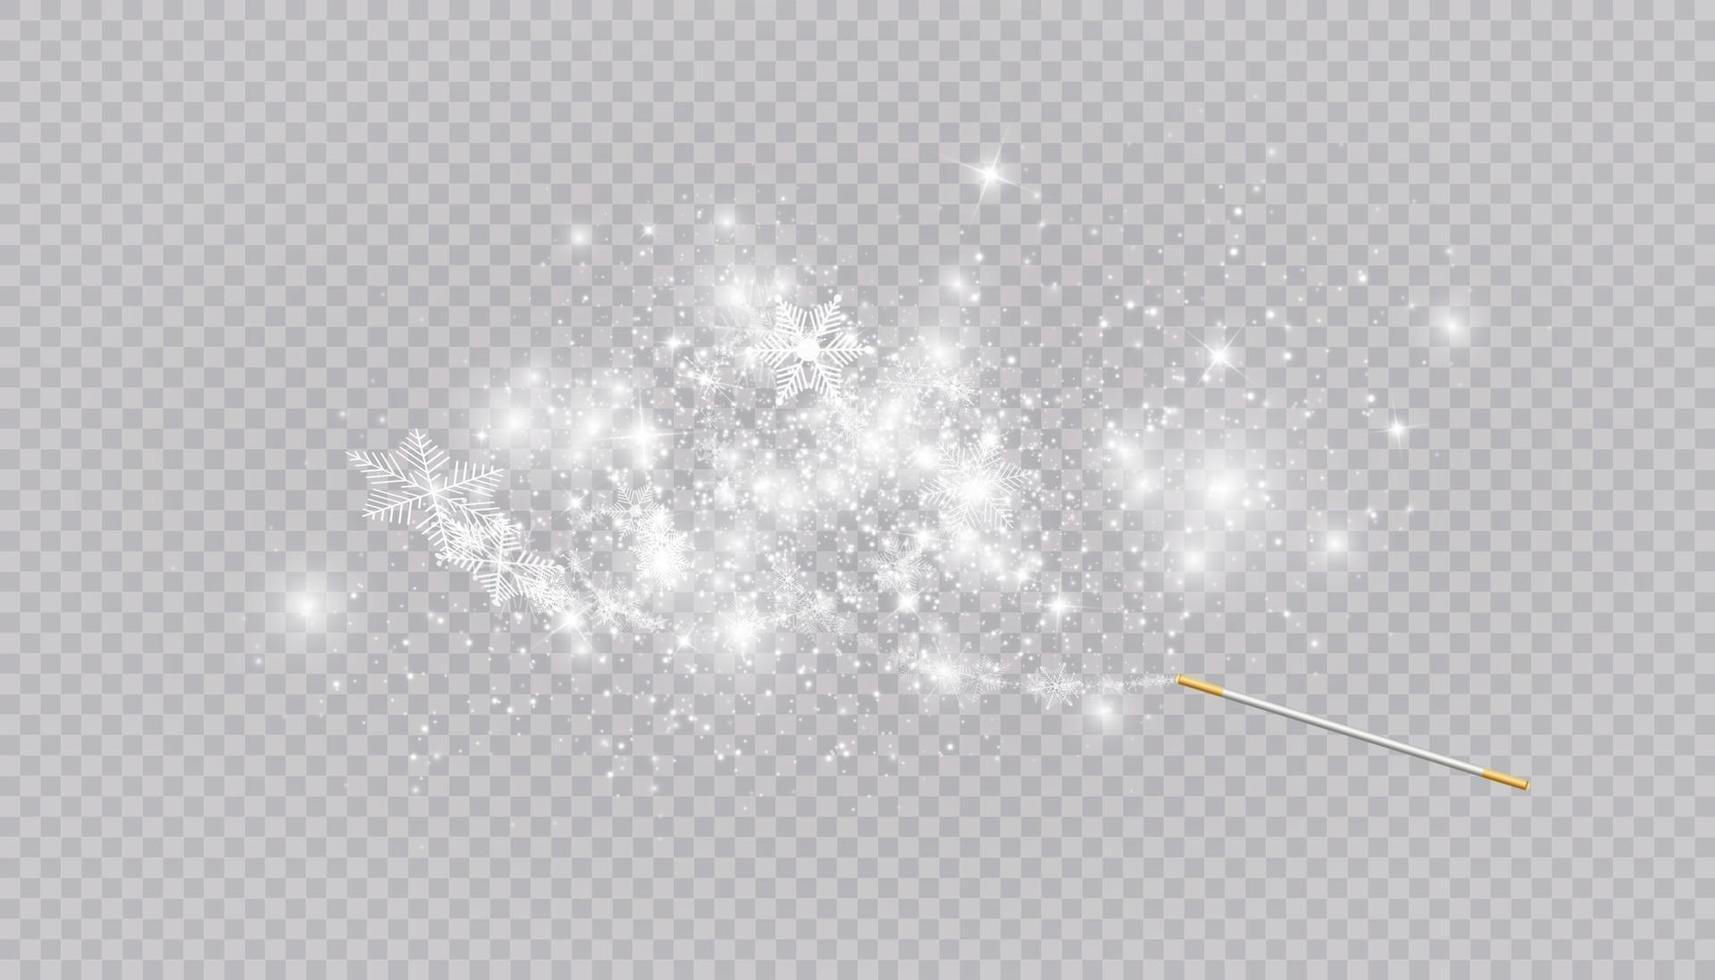 trollstav med hjärtformade snöflingor i platt stil i kontinuerliga draglinjer. spår av vitt damm. magisk abstrakt bakgrund isolerad. mirakel och magi. vektor